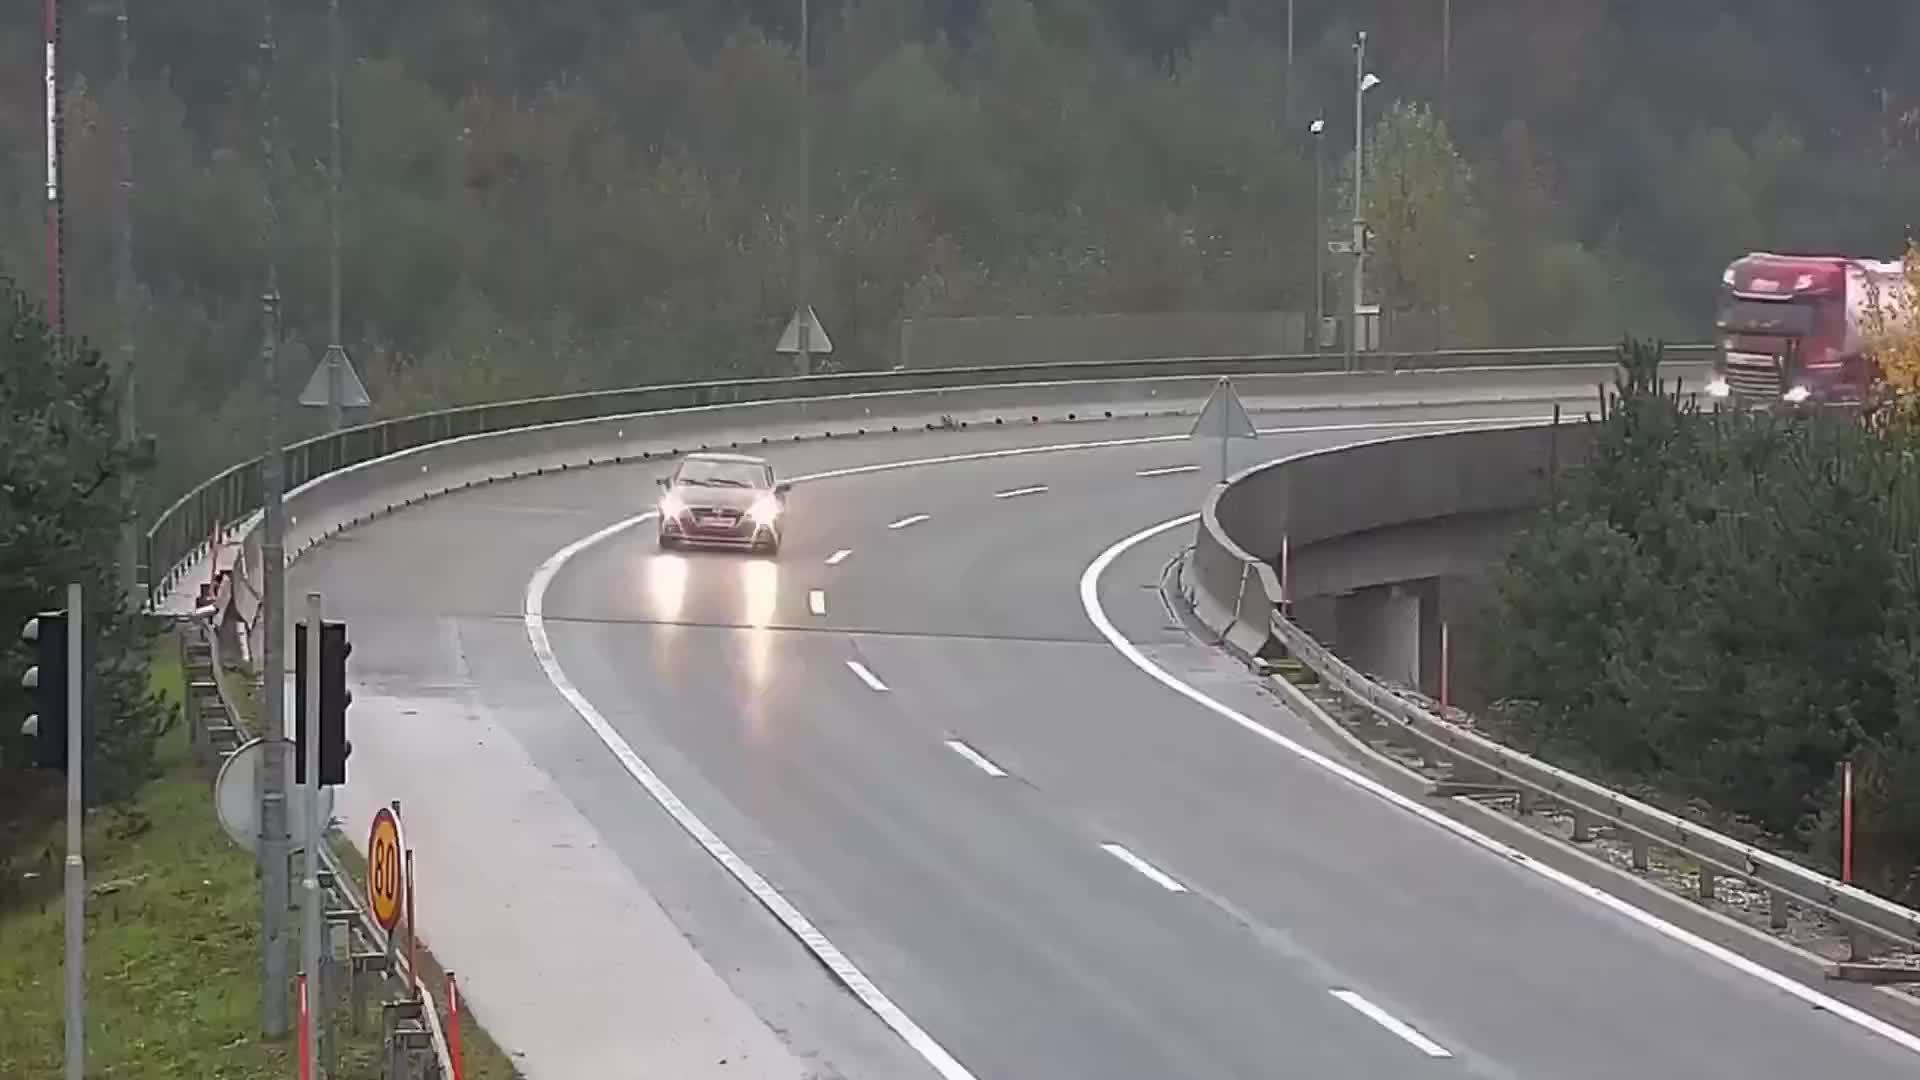 大货车失控坠桥,你看清事故的罪魁祸首了吗?